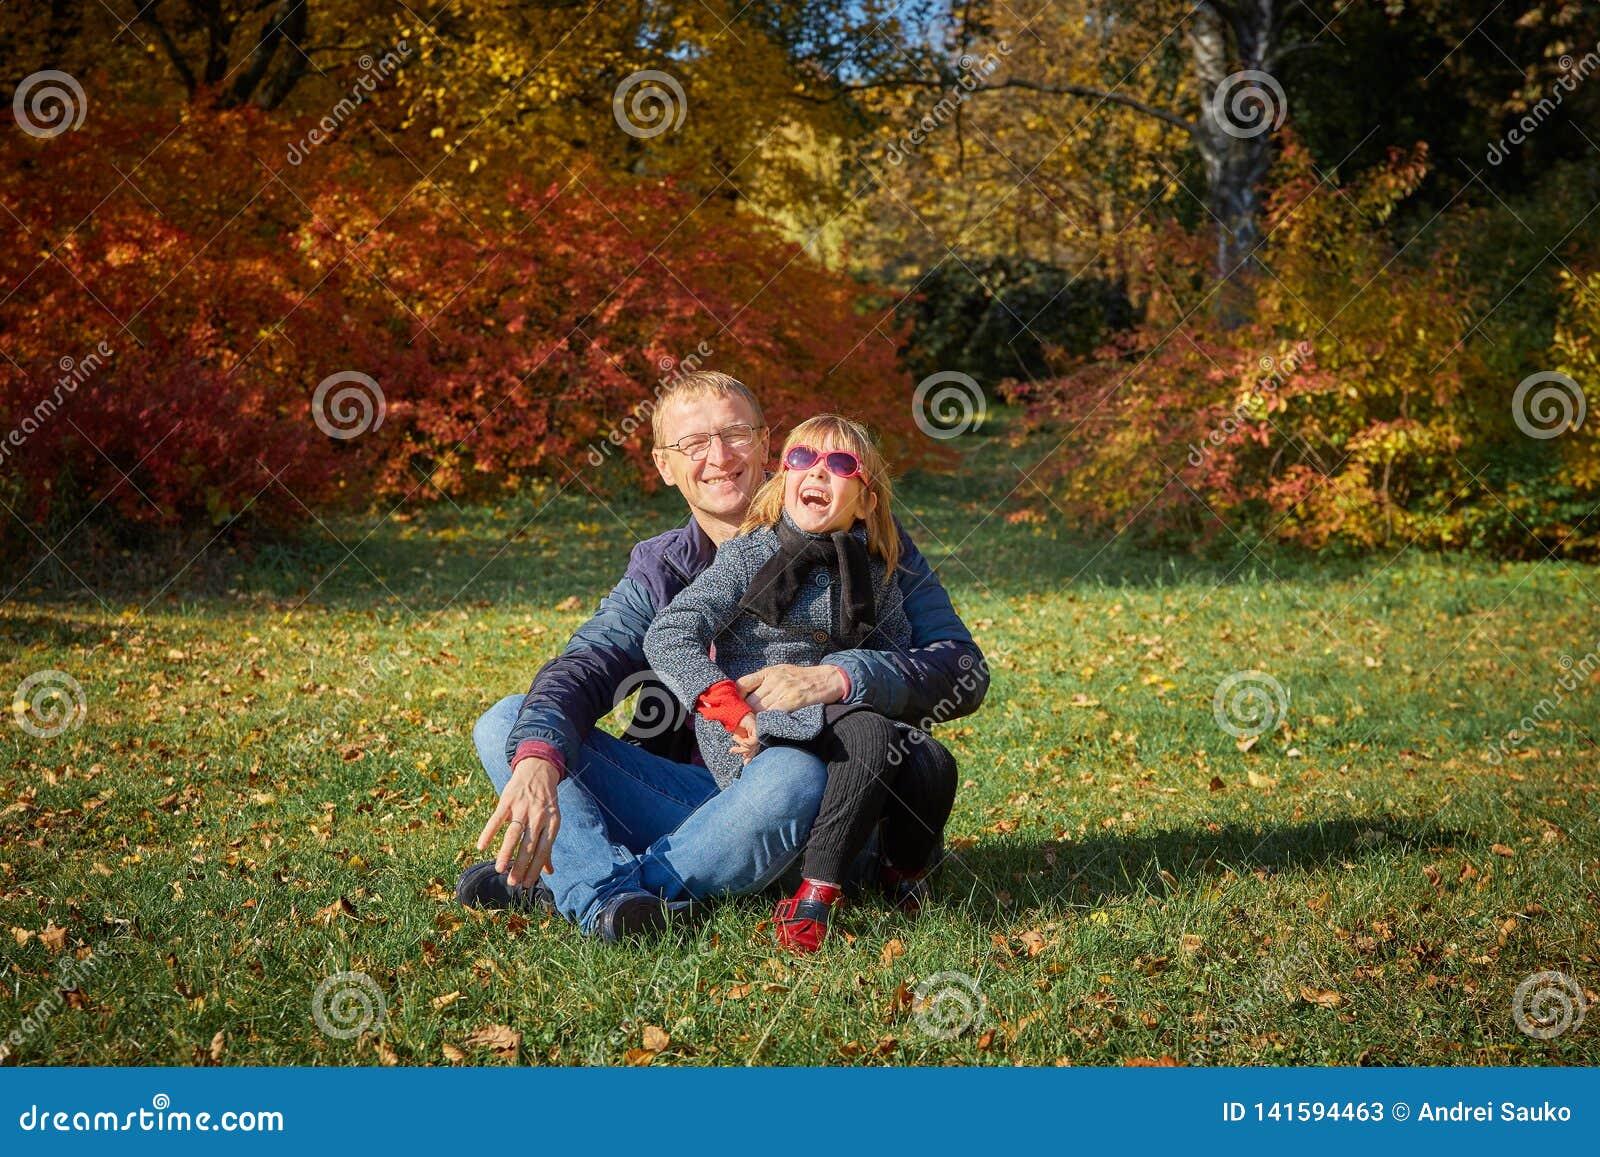 Vati spielt mit seiner Tochter im Park